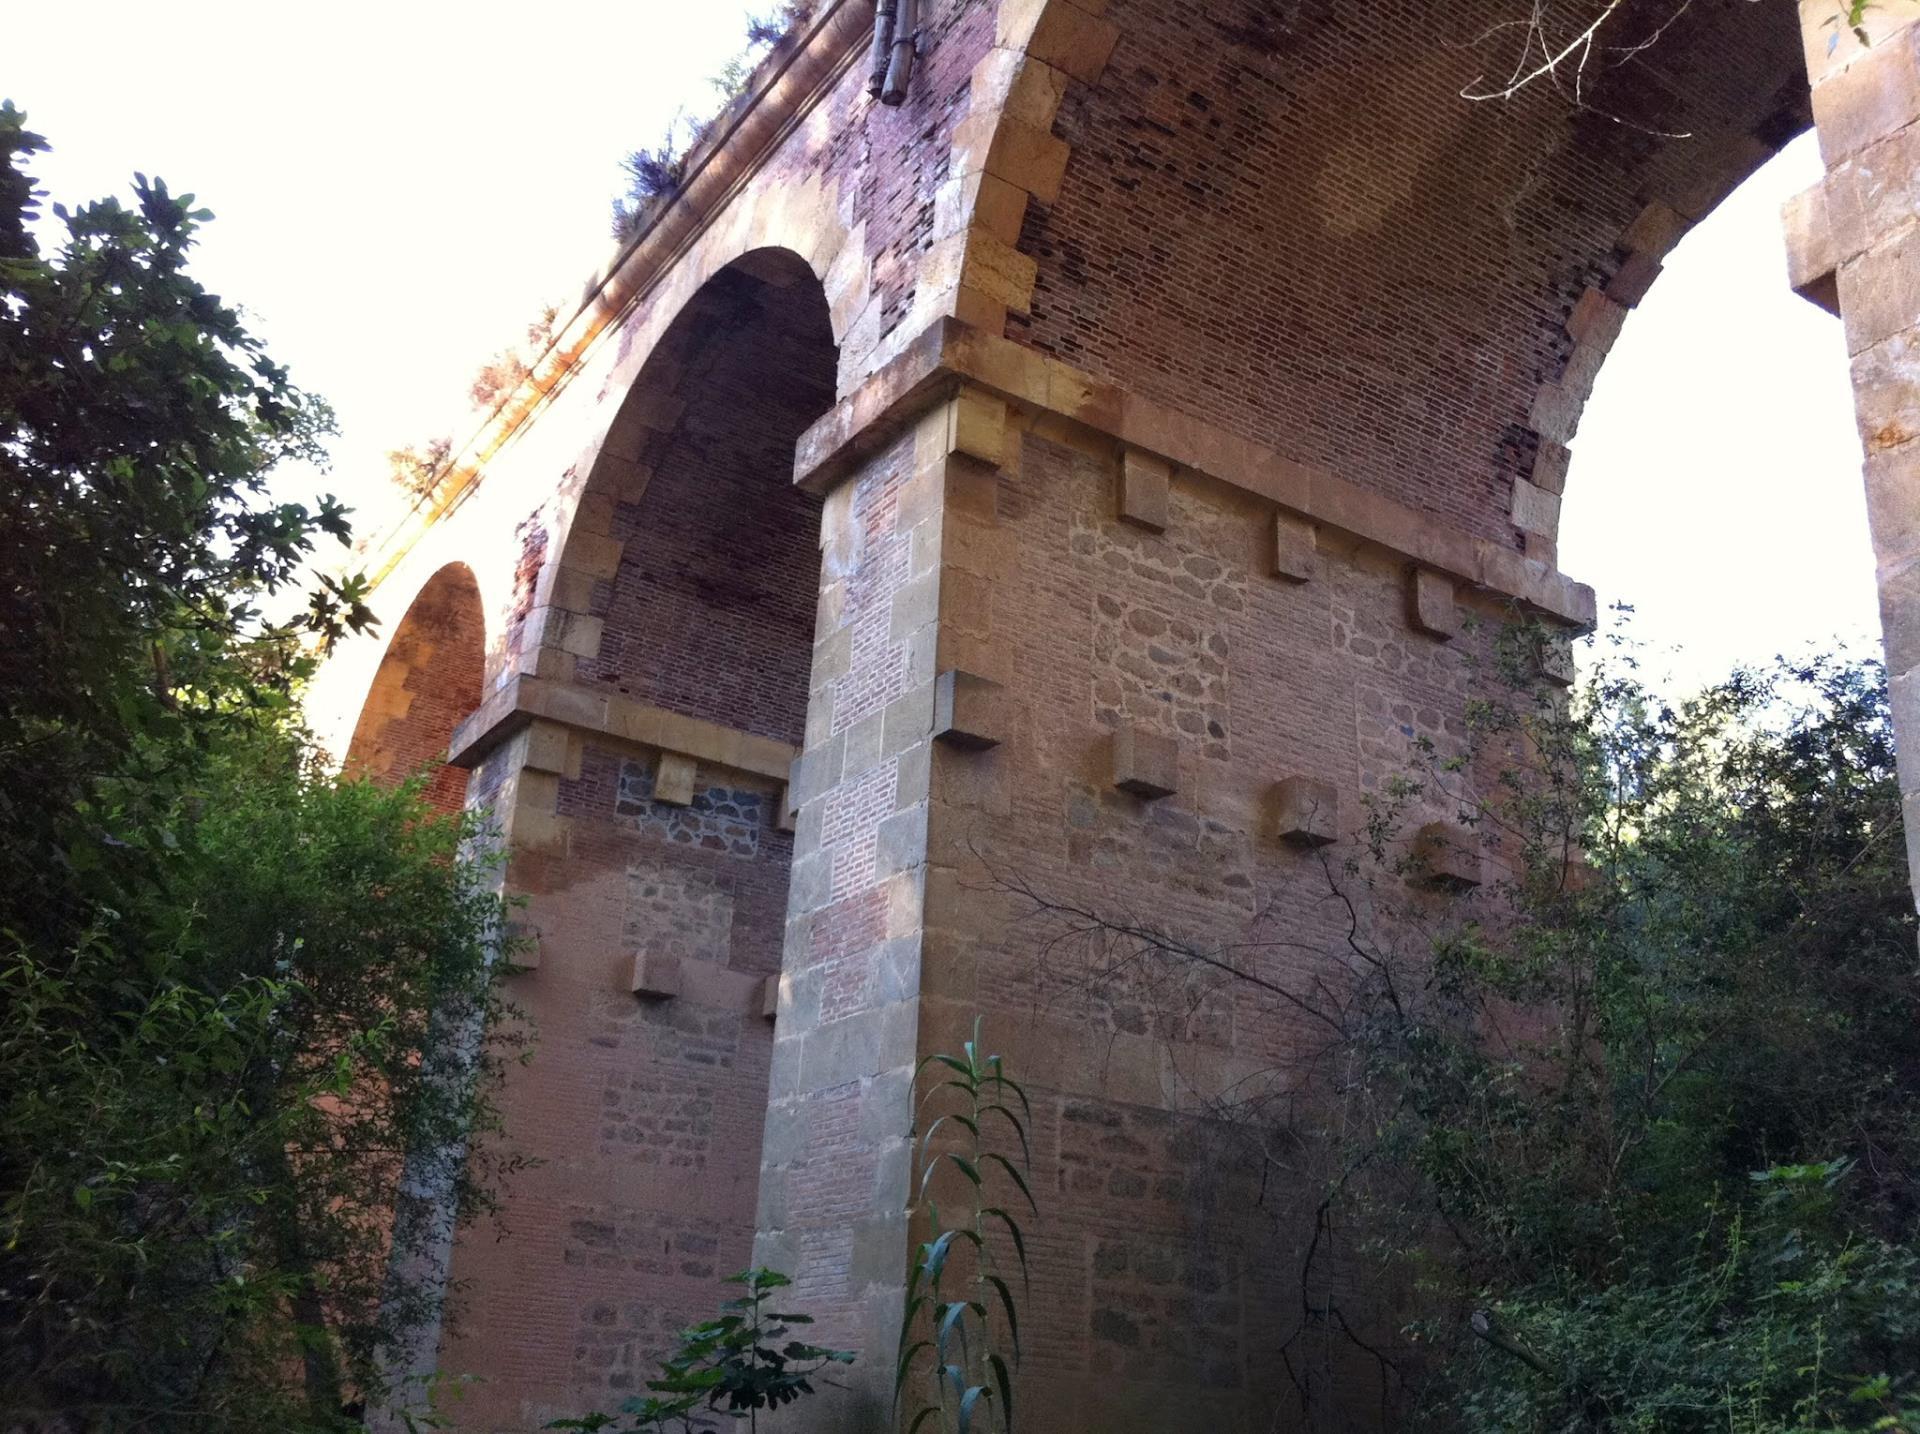 puente-durcal.jpg